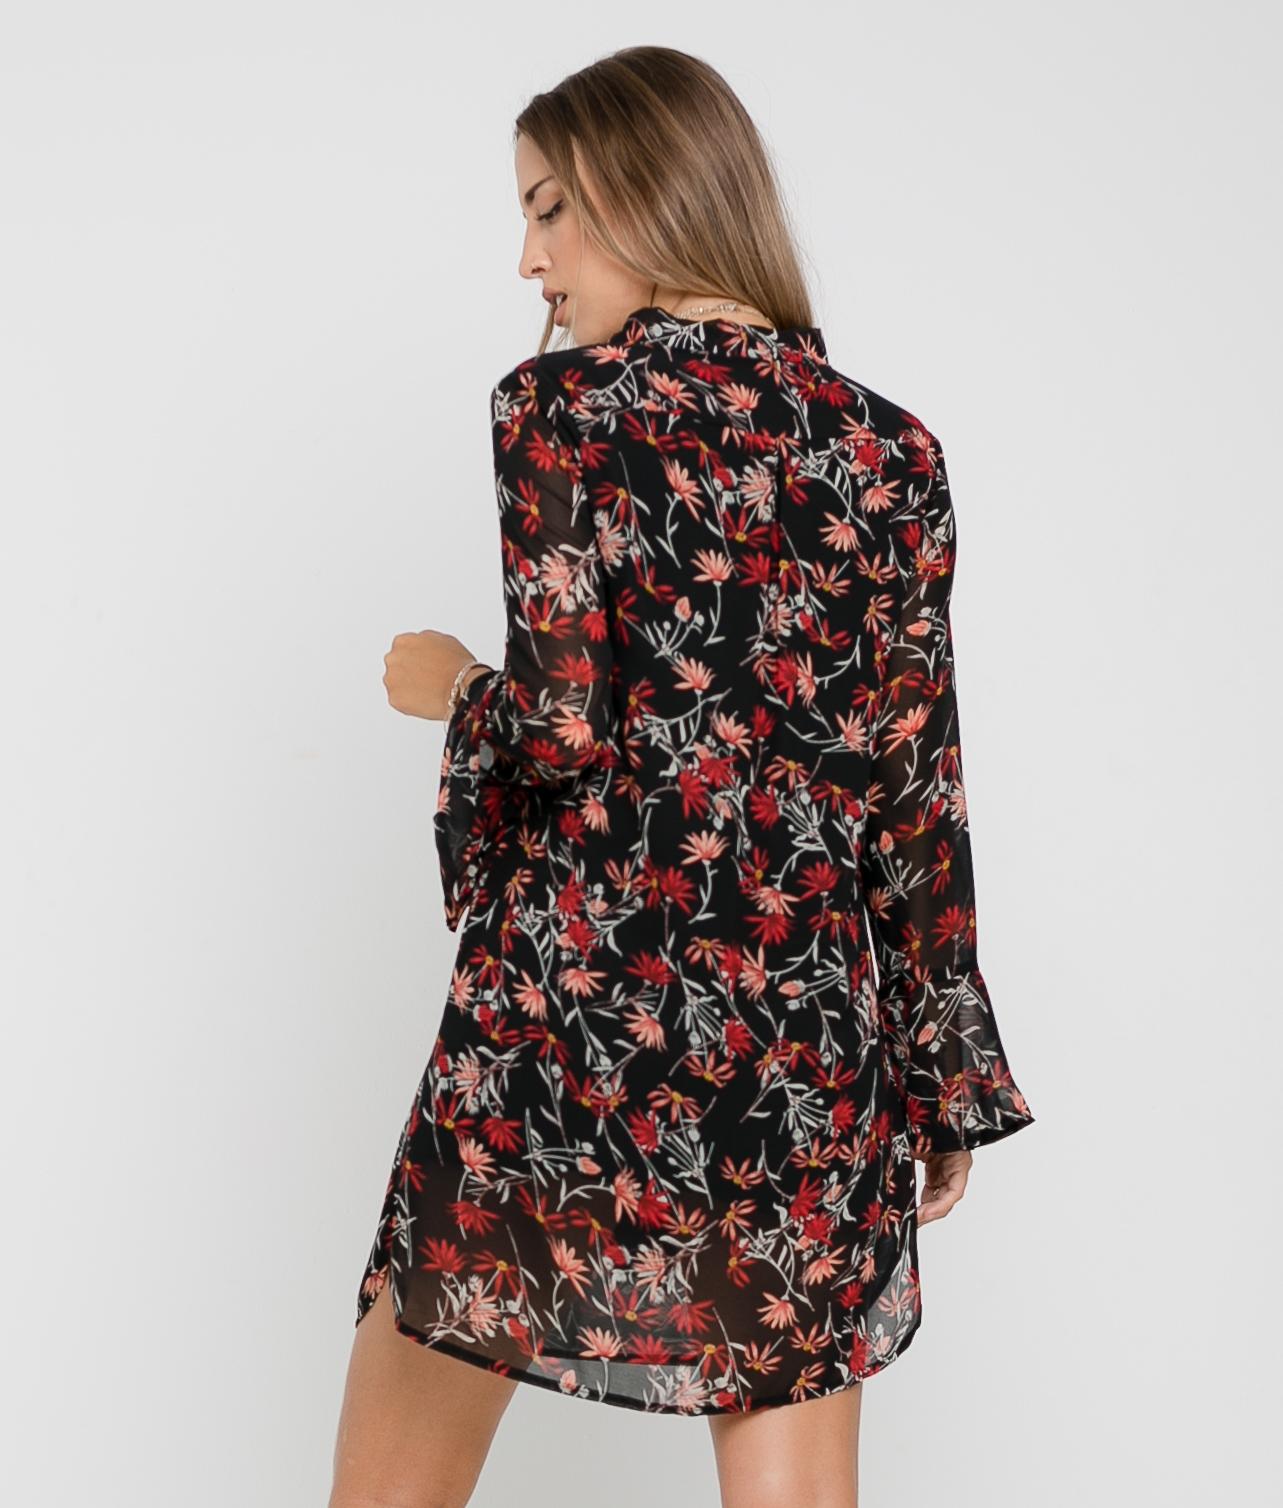 DRESS FABIL - BLACK